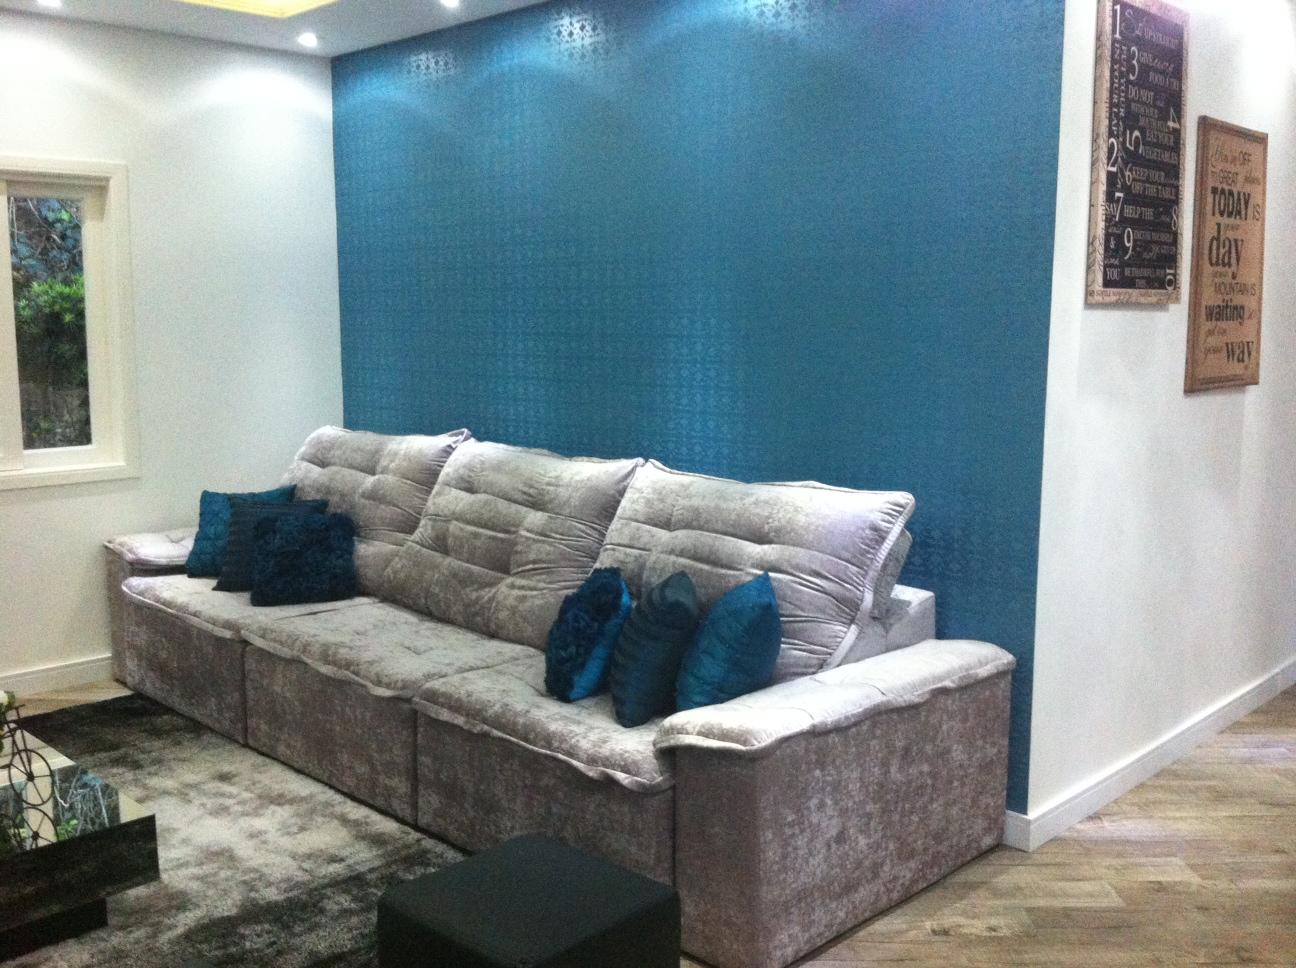 Sala De Estar Marrom Com Azul ~ Mesa Decorada Em Branco E Azul Marinho  Car Interior Design